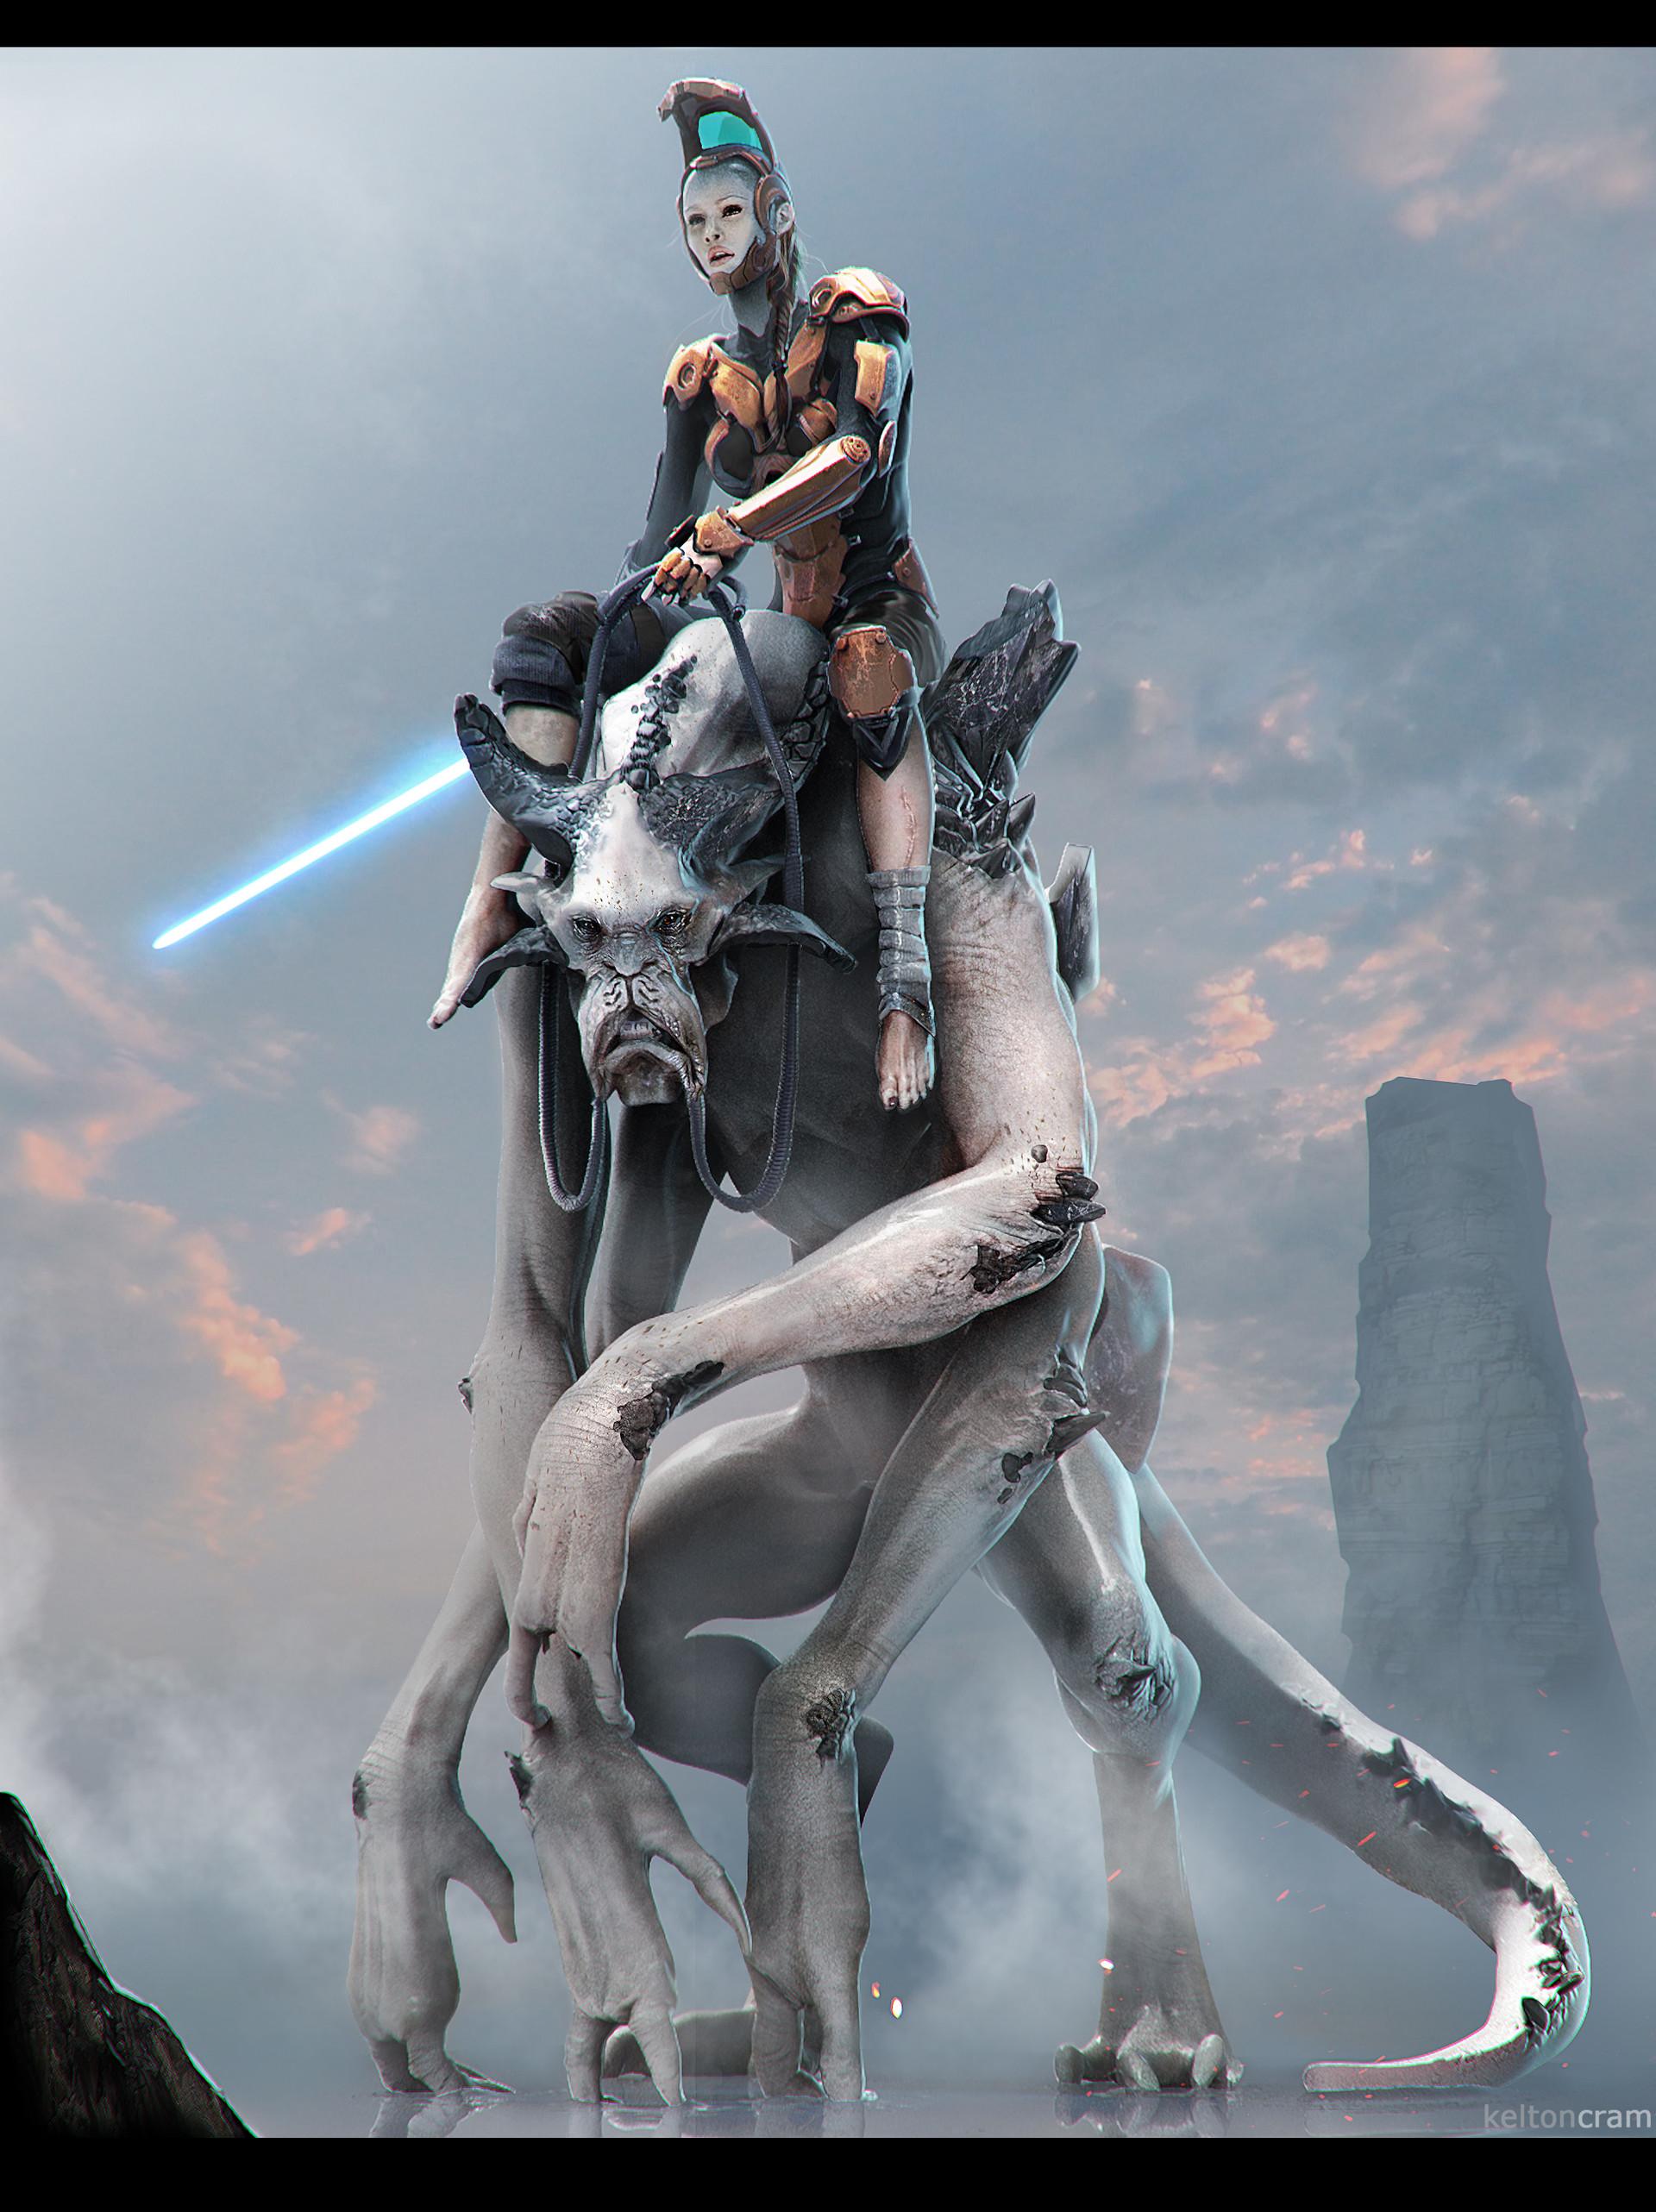 Kelton Cram - Injured Jedi Knight